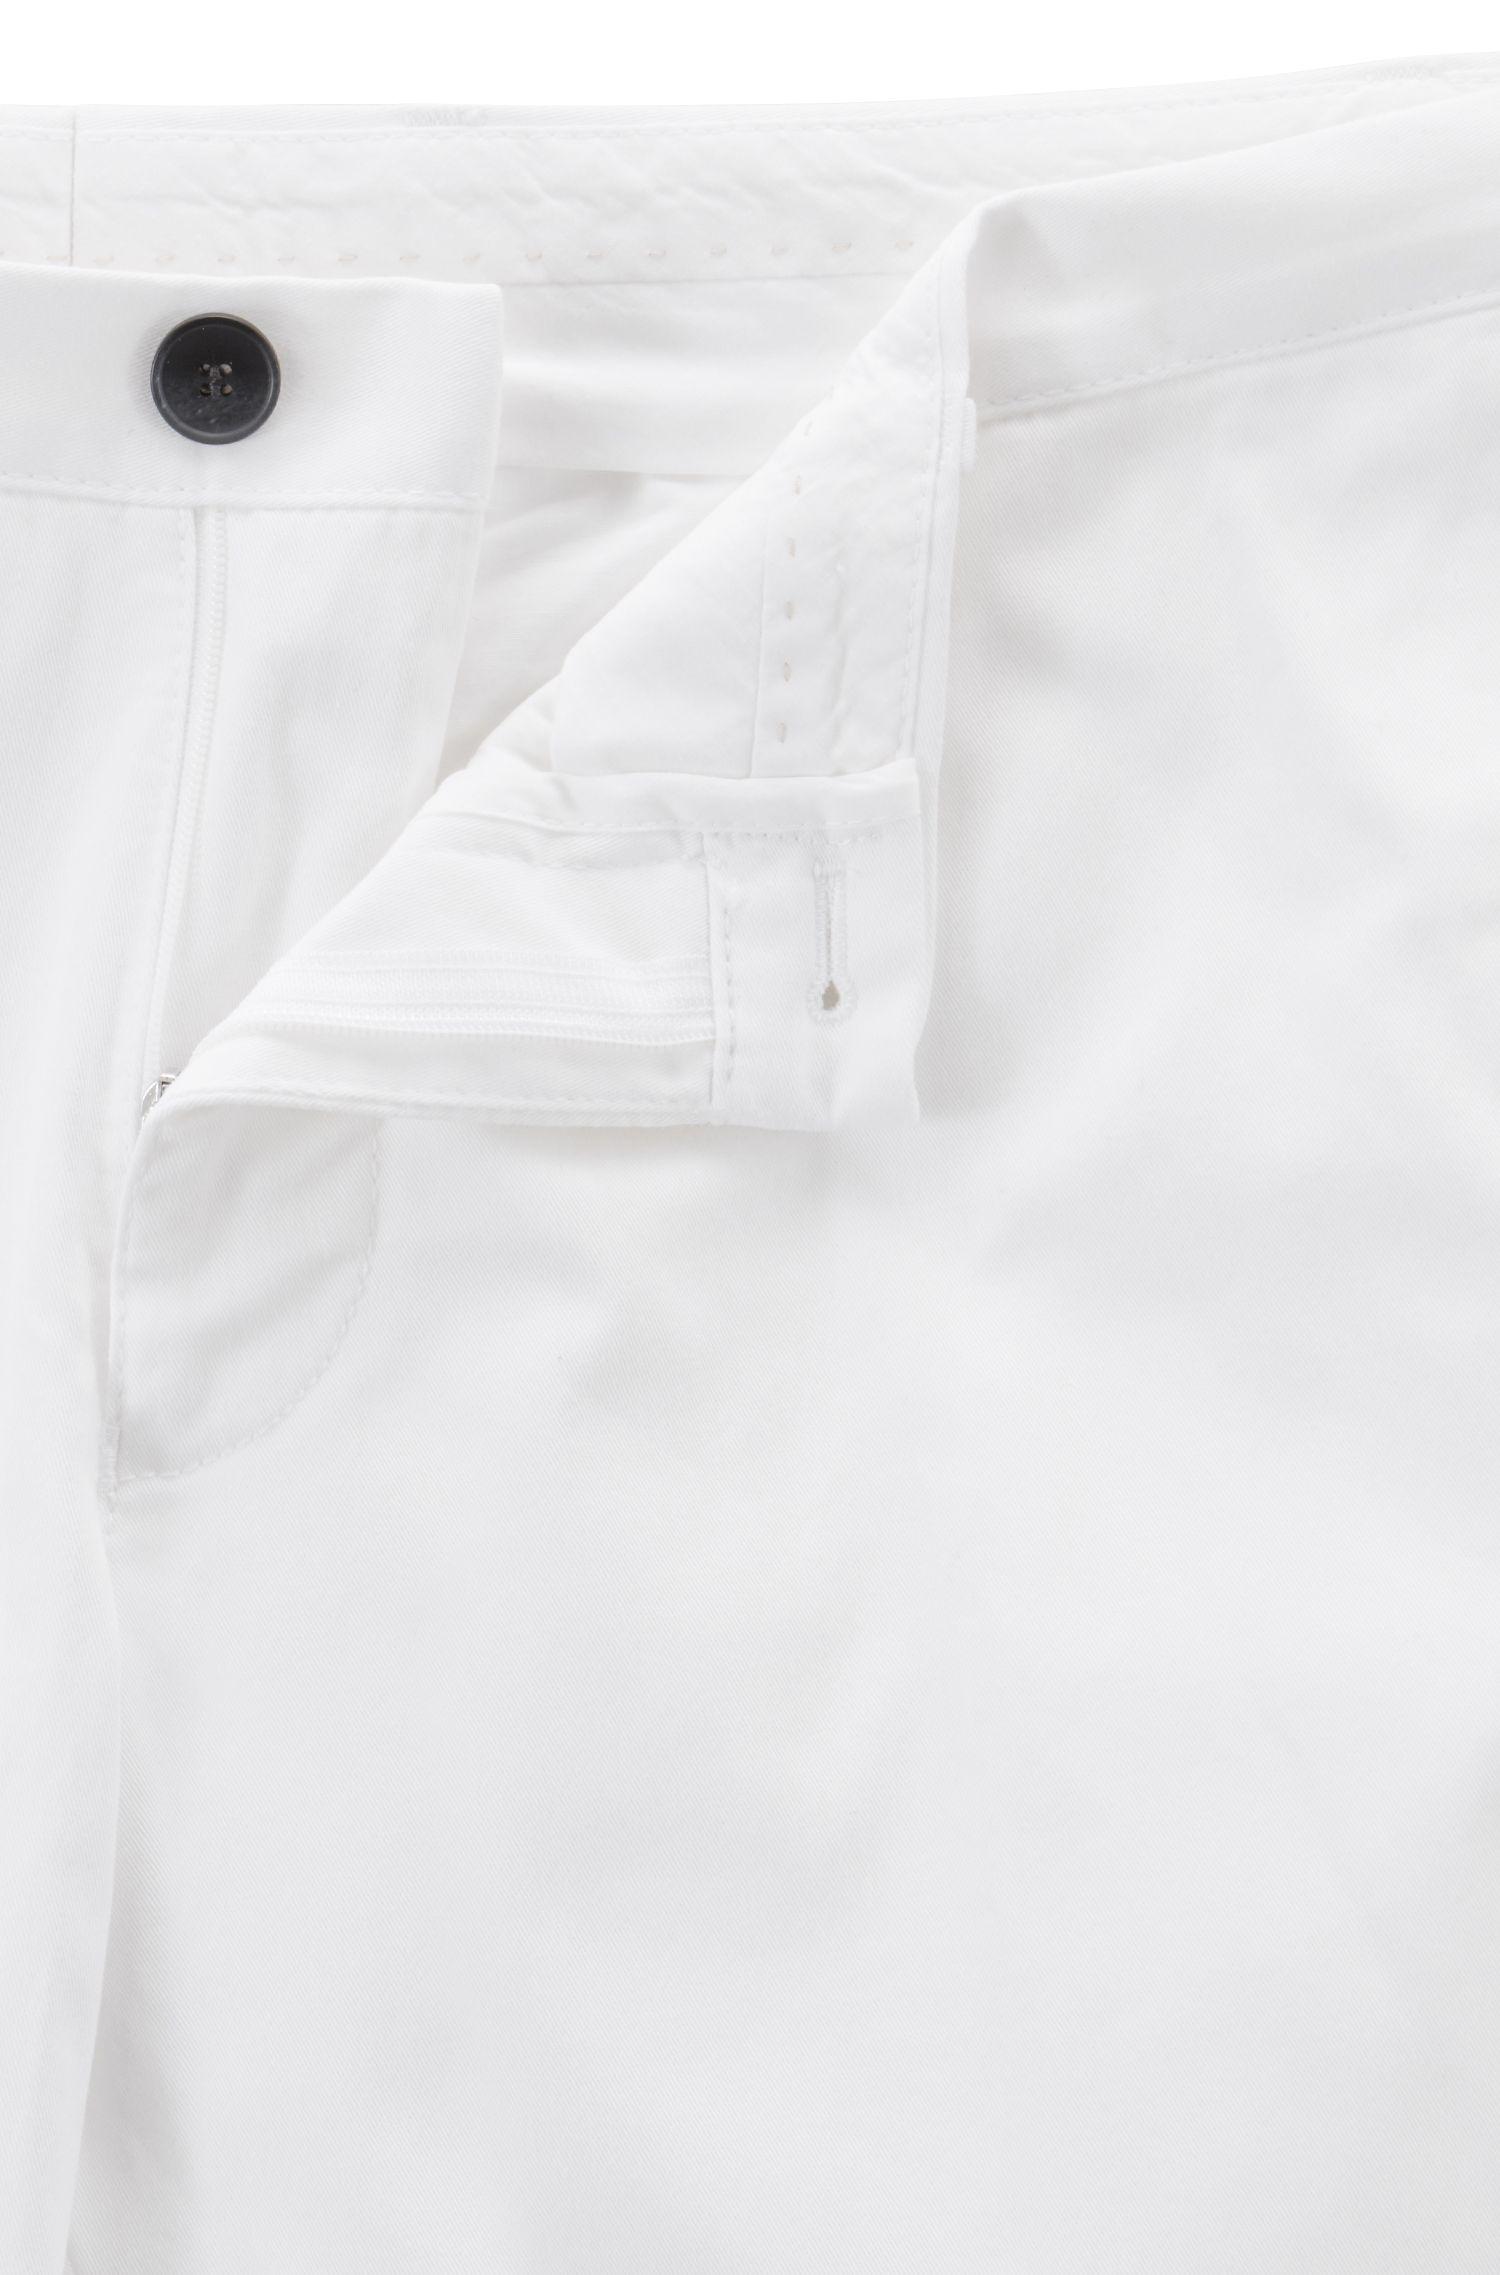 Hugo Boss - Pantalones slim fit de algodón elástico teñido en prenda - 5